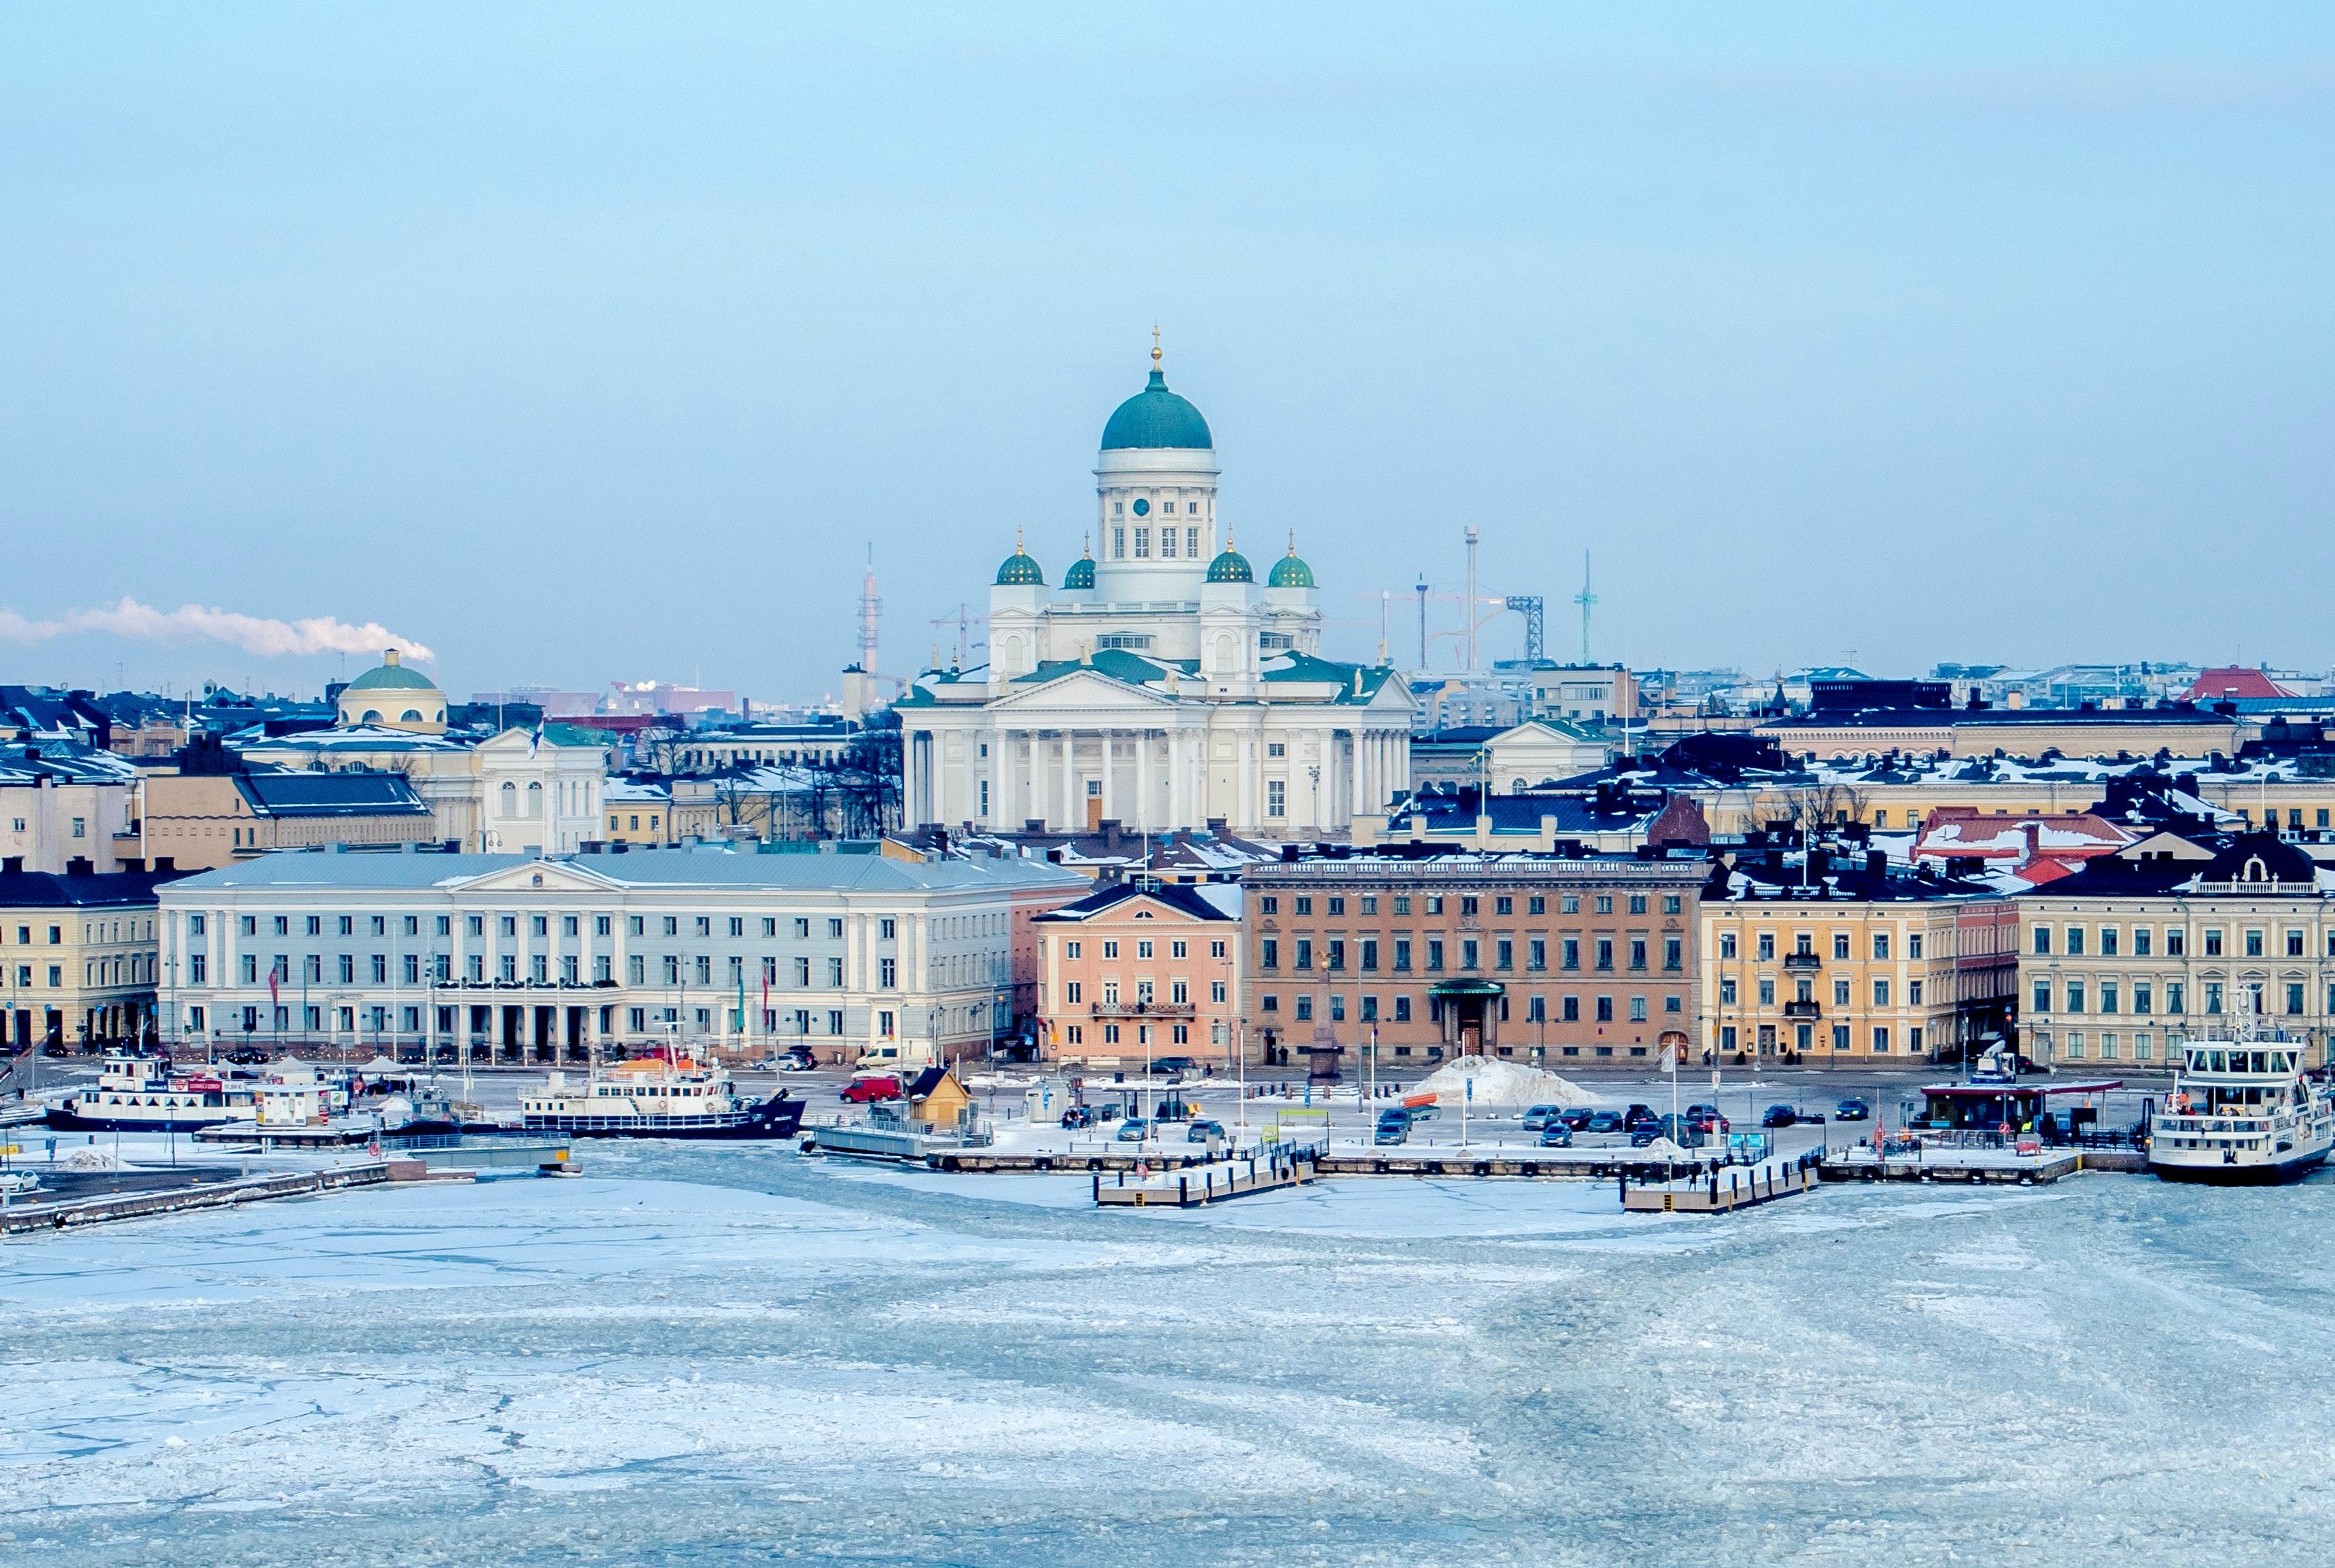 Landscape of Helsinki